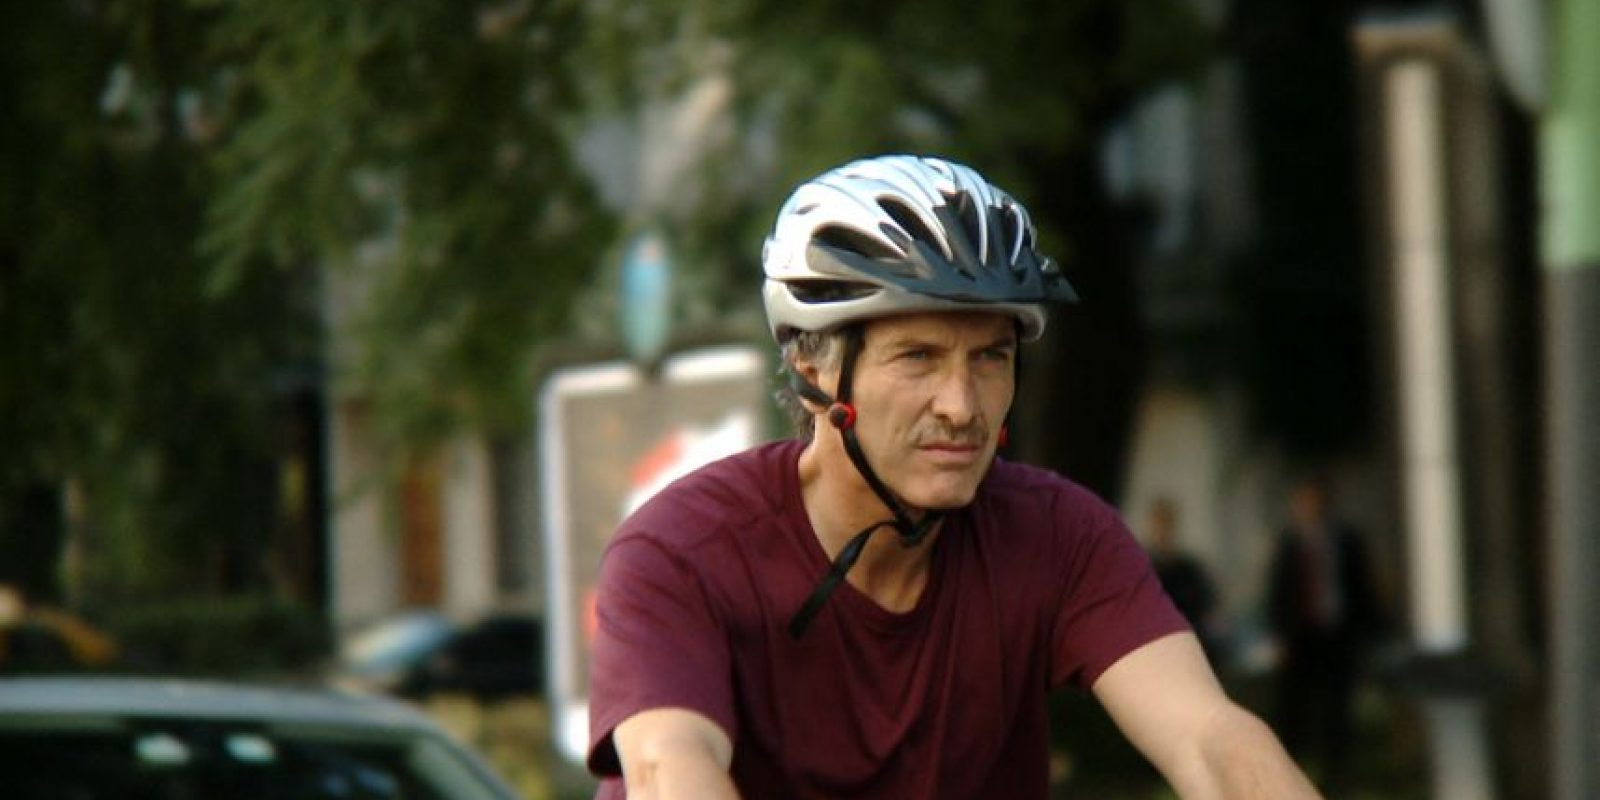 3. Utilizar el casco siempre. Foto:Vía flickr